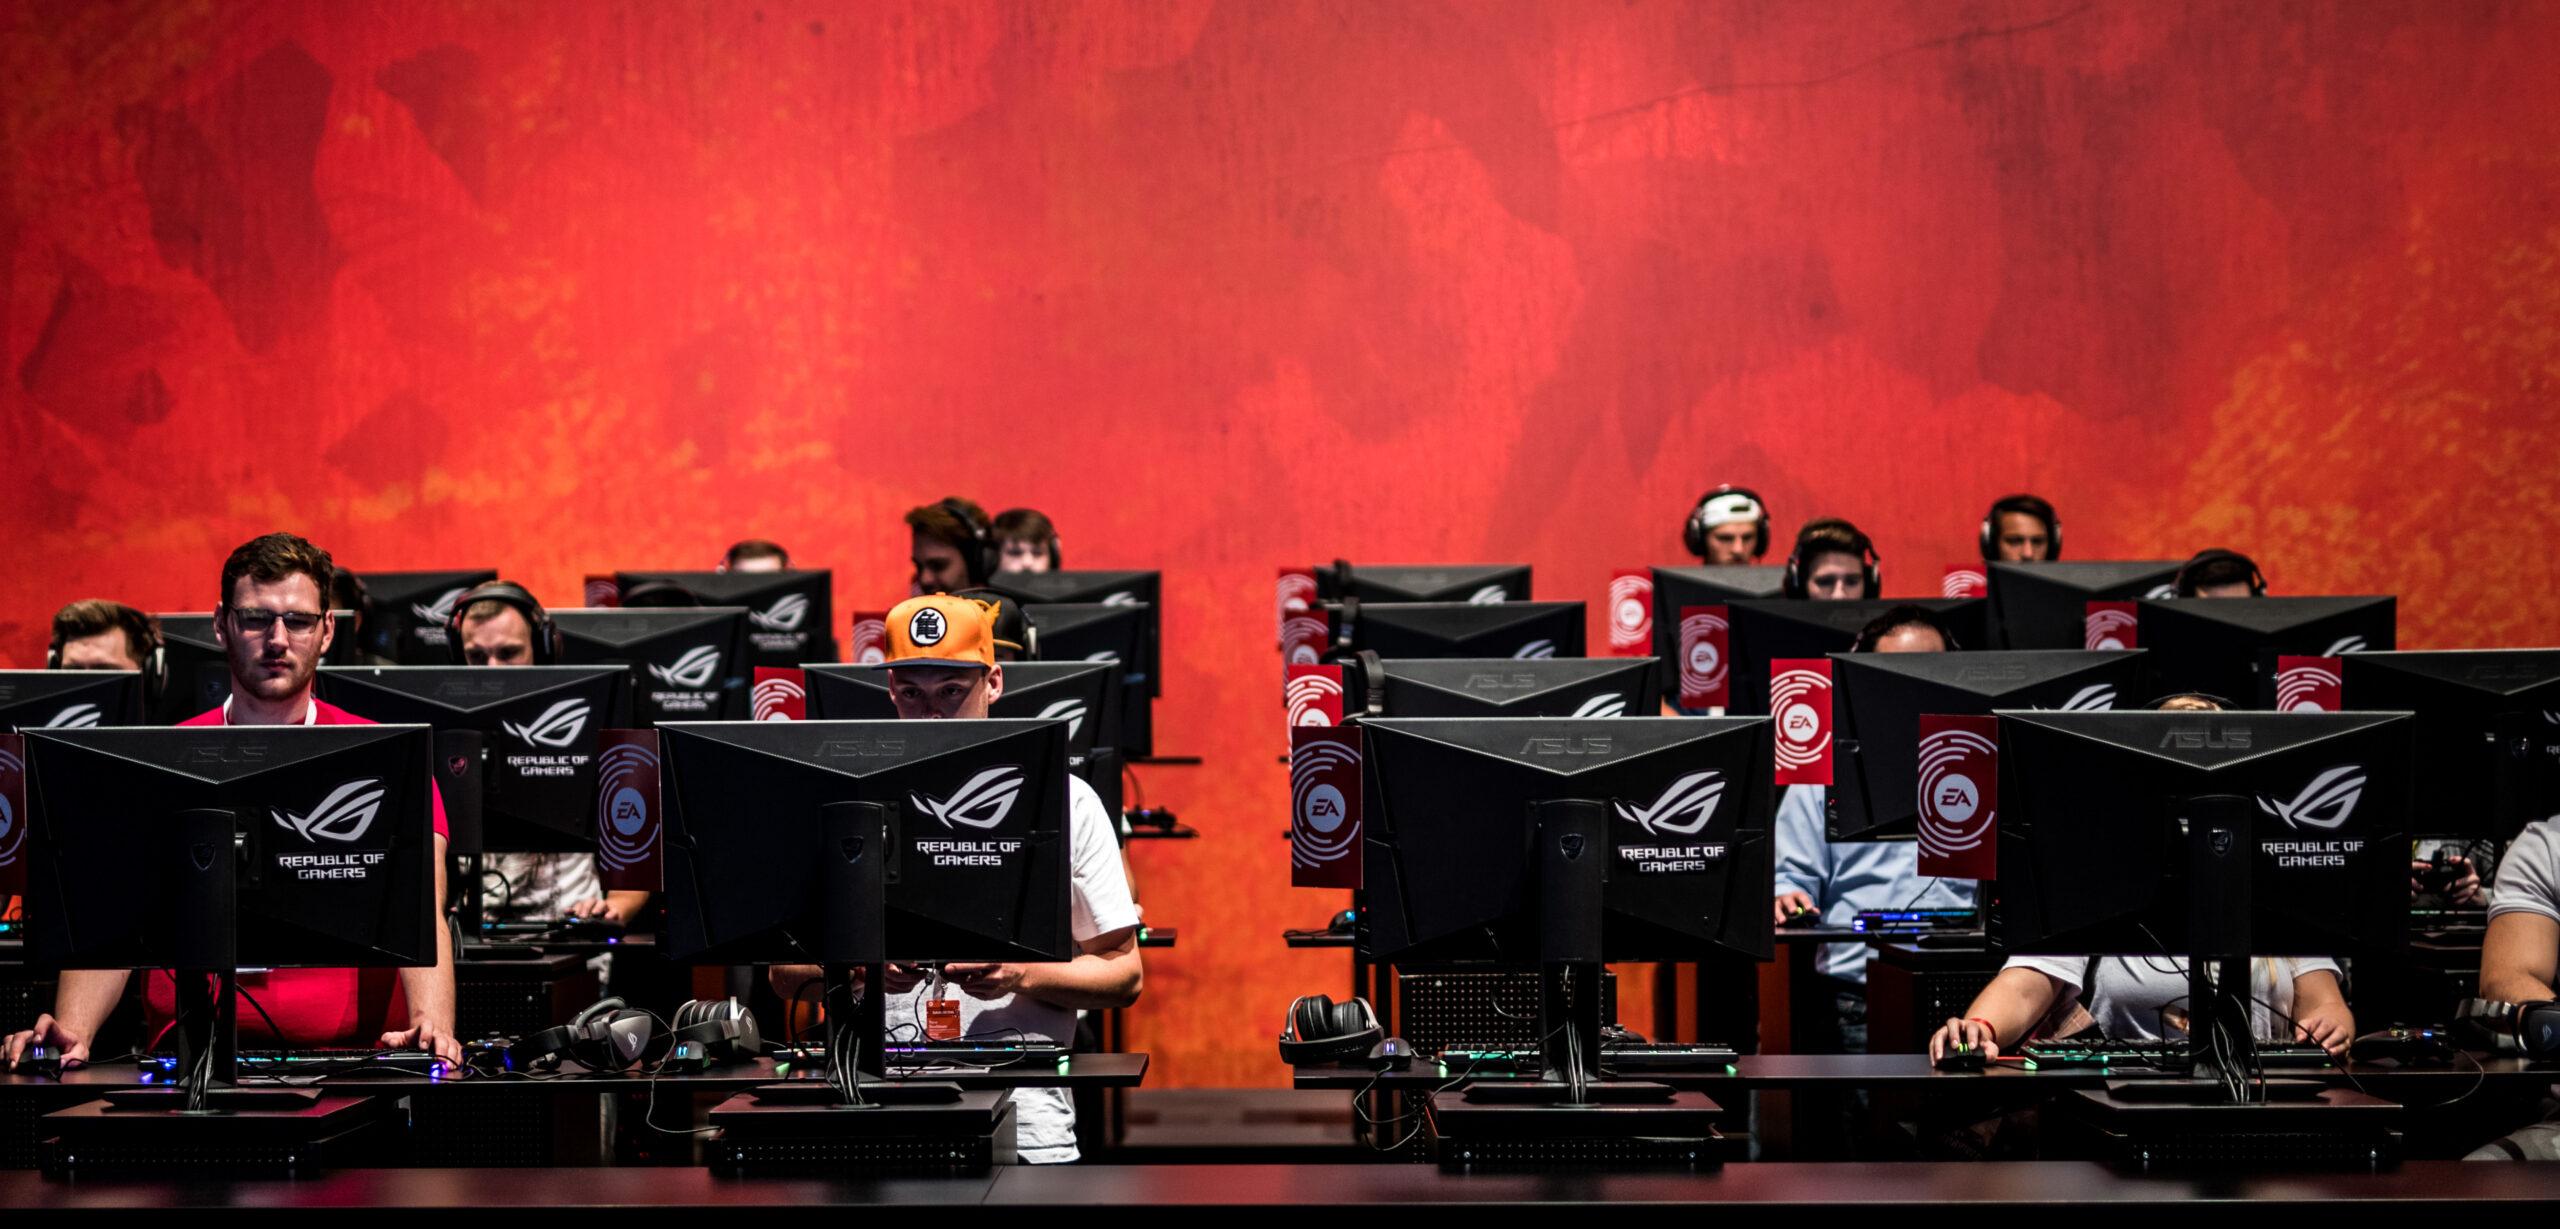 Crece demanda de videojuegos durante confinamiento